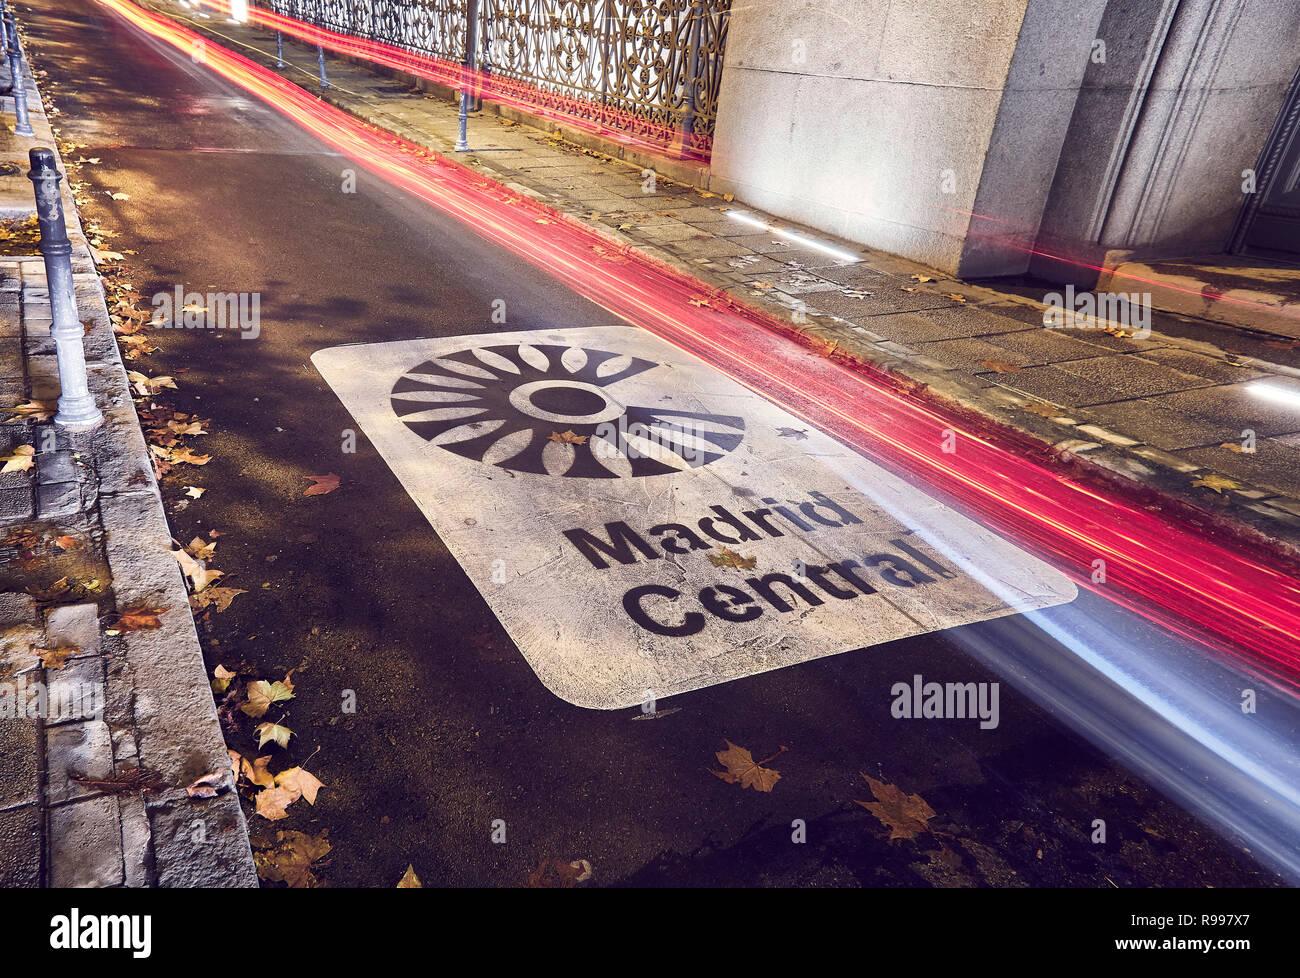 Madrid zentrale Zeichen zeigt an, daß der Eingang der neue low emission zone mit Beschränkungen für den Verkehr im Herzen der Hauptstadt Luft quali zu verbessern. Stockfoto